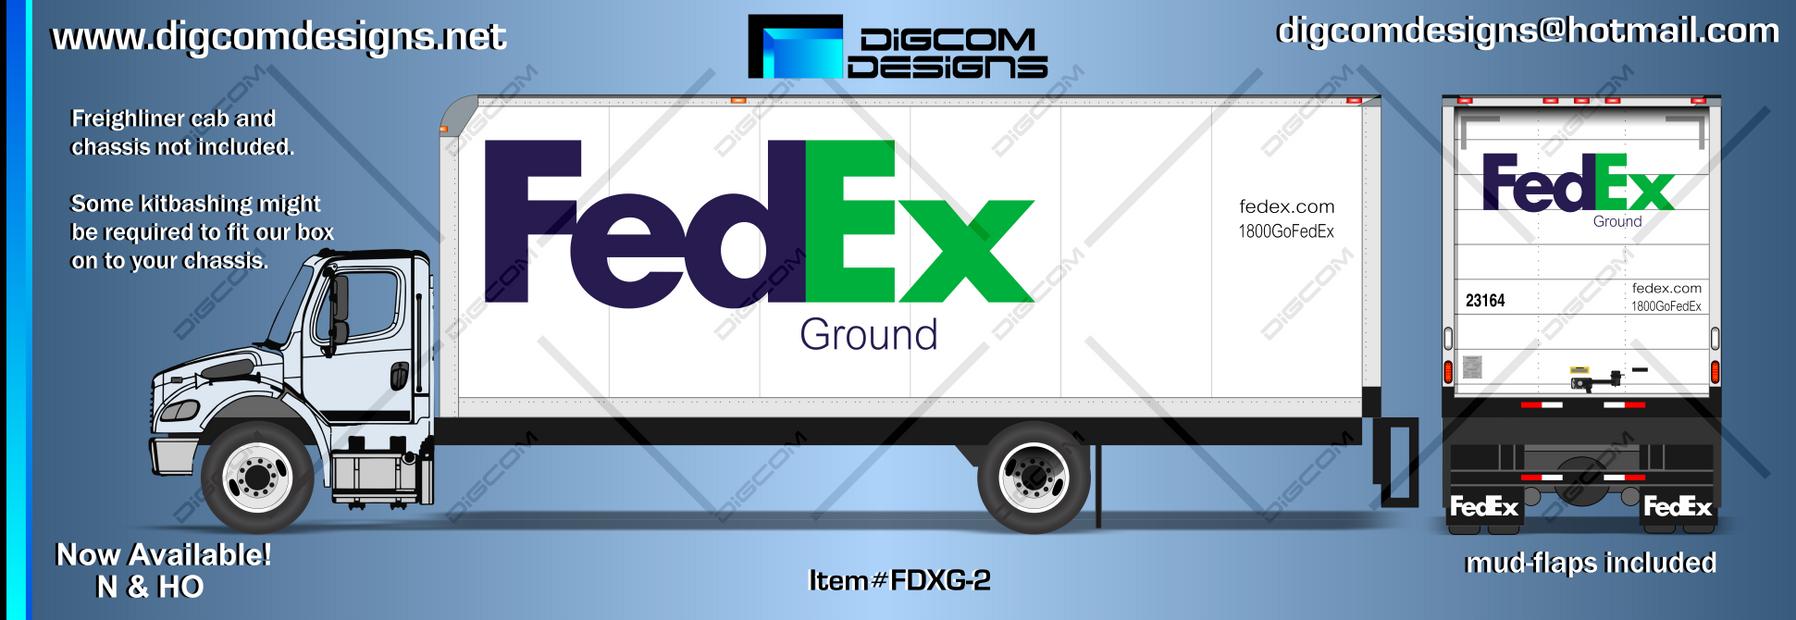 FDXG-2.png